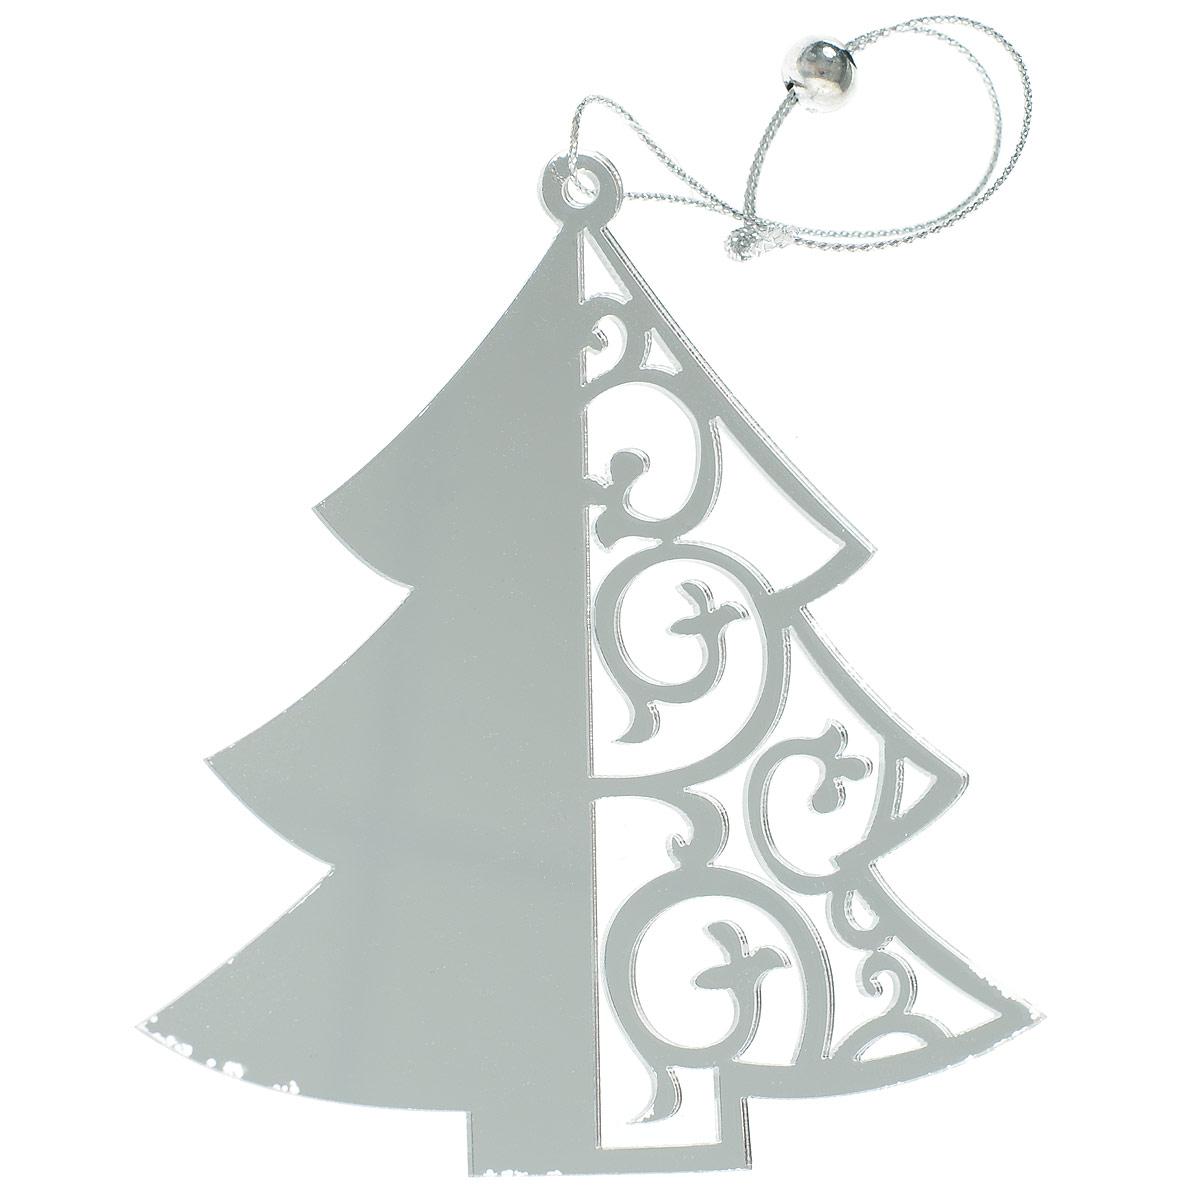 """Новогоднее украшение """"Елка"""" отлично подойдет для декорации вашего дома и новогодней ели. Игрушка выполнена из пластика в виде узорной новогодней елочки. Украшение оснащено специальной текстильной петелькой для подвешивания.  Елочная игрушка - символ Нового года. Она несет в себе волшебство и красоту праздника. Создайте в своем доме атмосферу веселья и радости, украшая всей семьей новогоднюю елку нарядными игрушками, которые будут из года в год накапливать теплоту воспоминаний."""